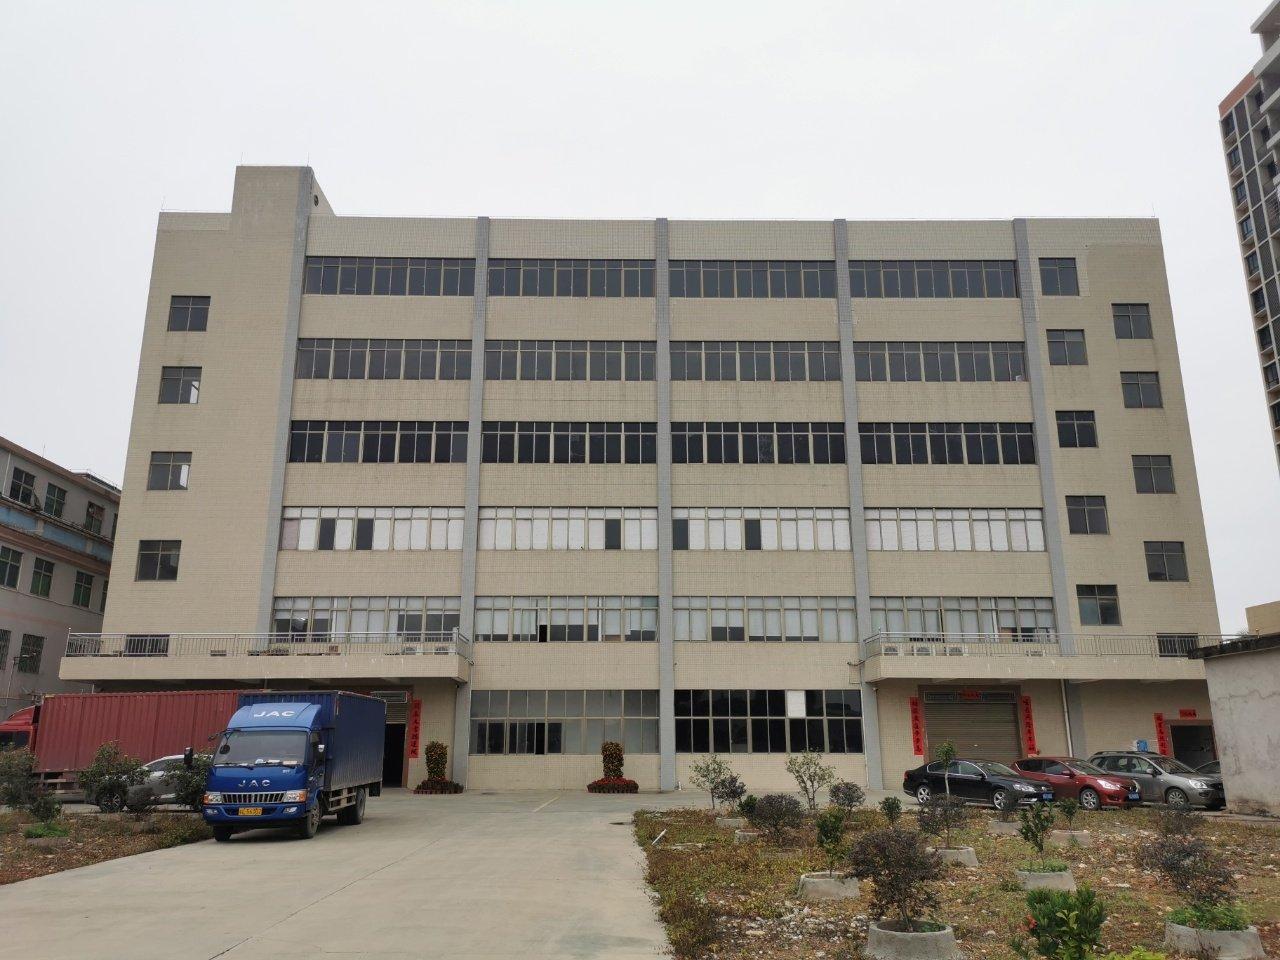 惠城区惠环镇空出一楼标准厂房500平